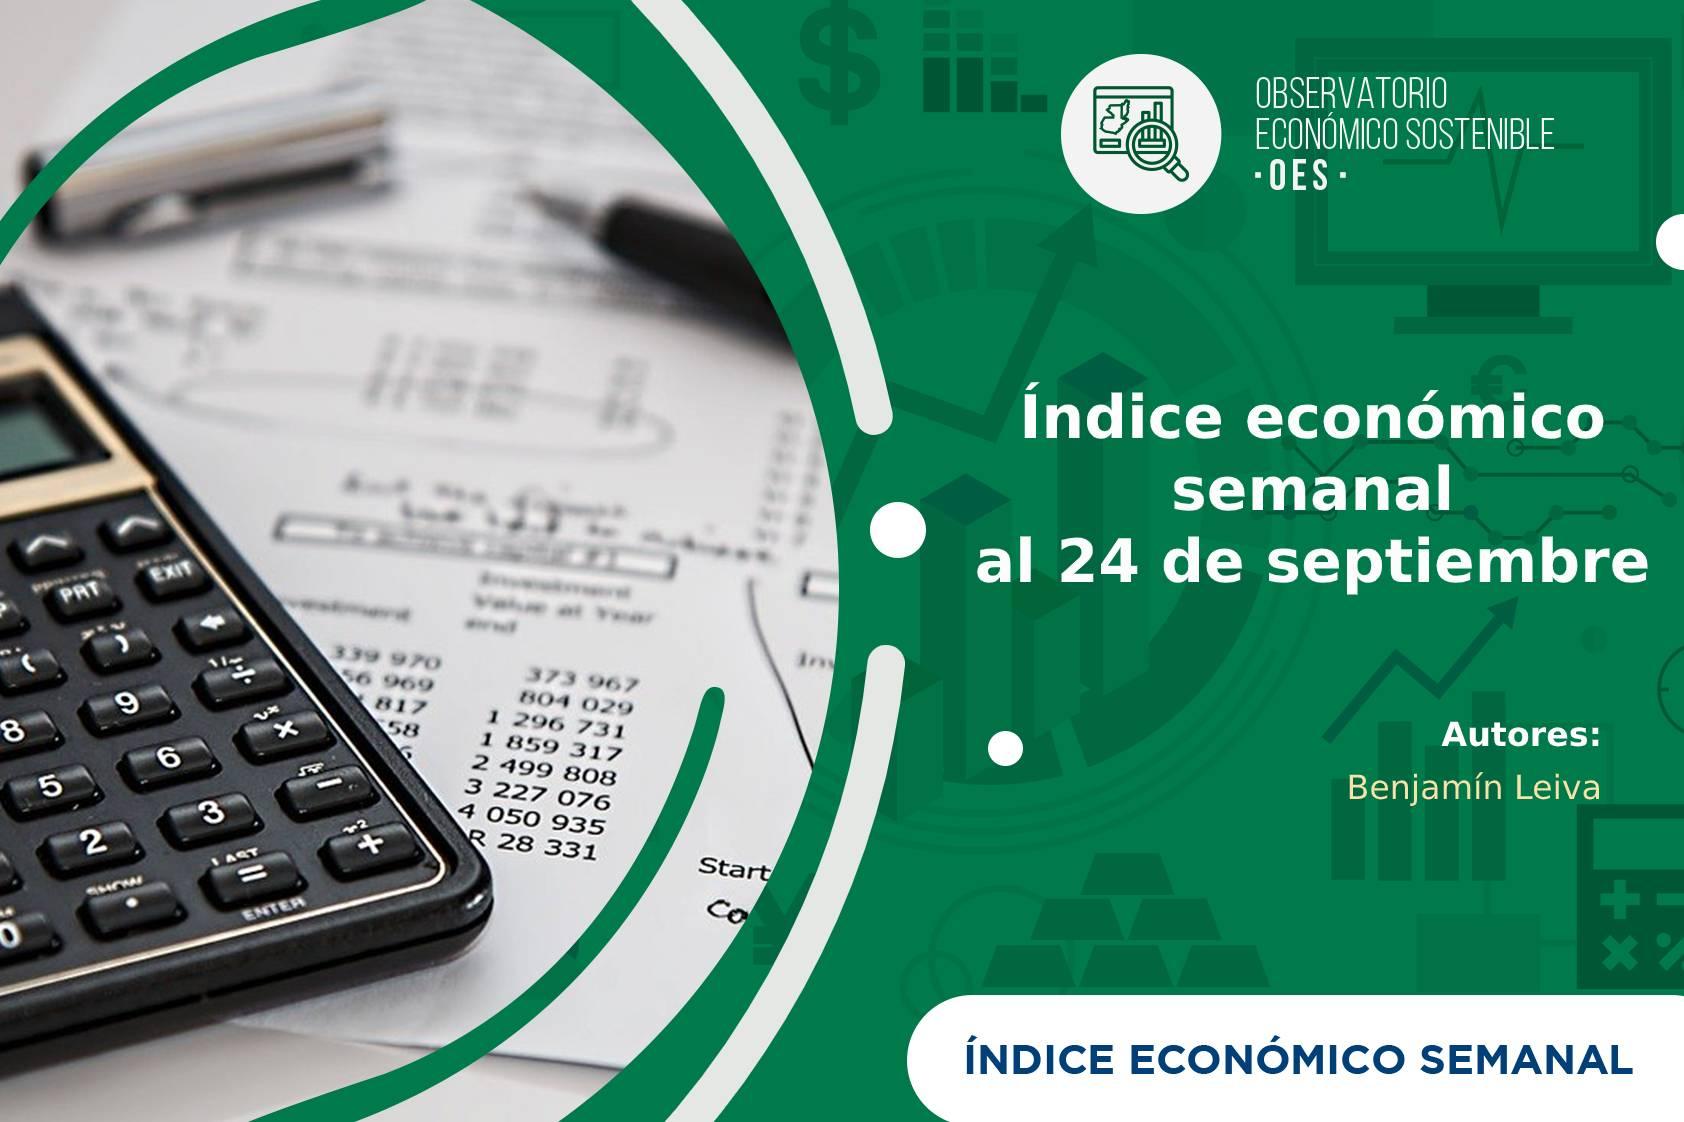 Índice económico semanal al 24 de septiembre